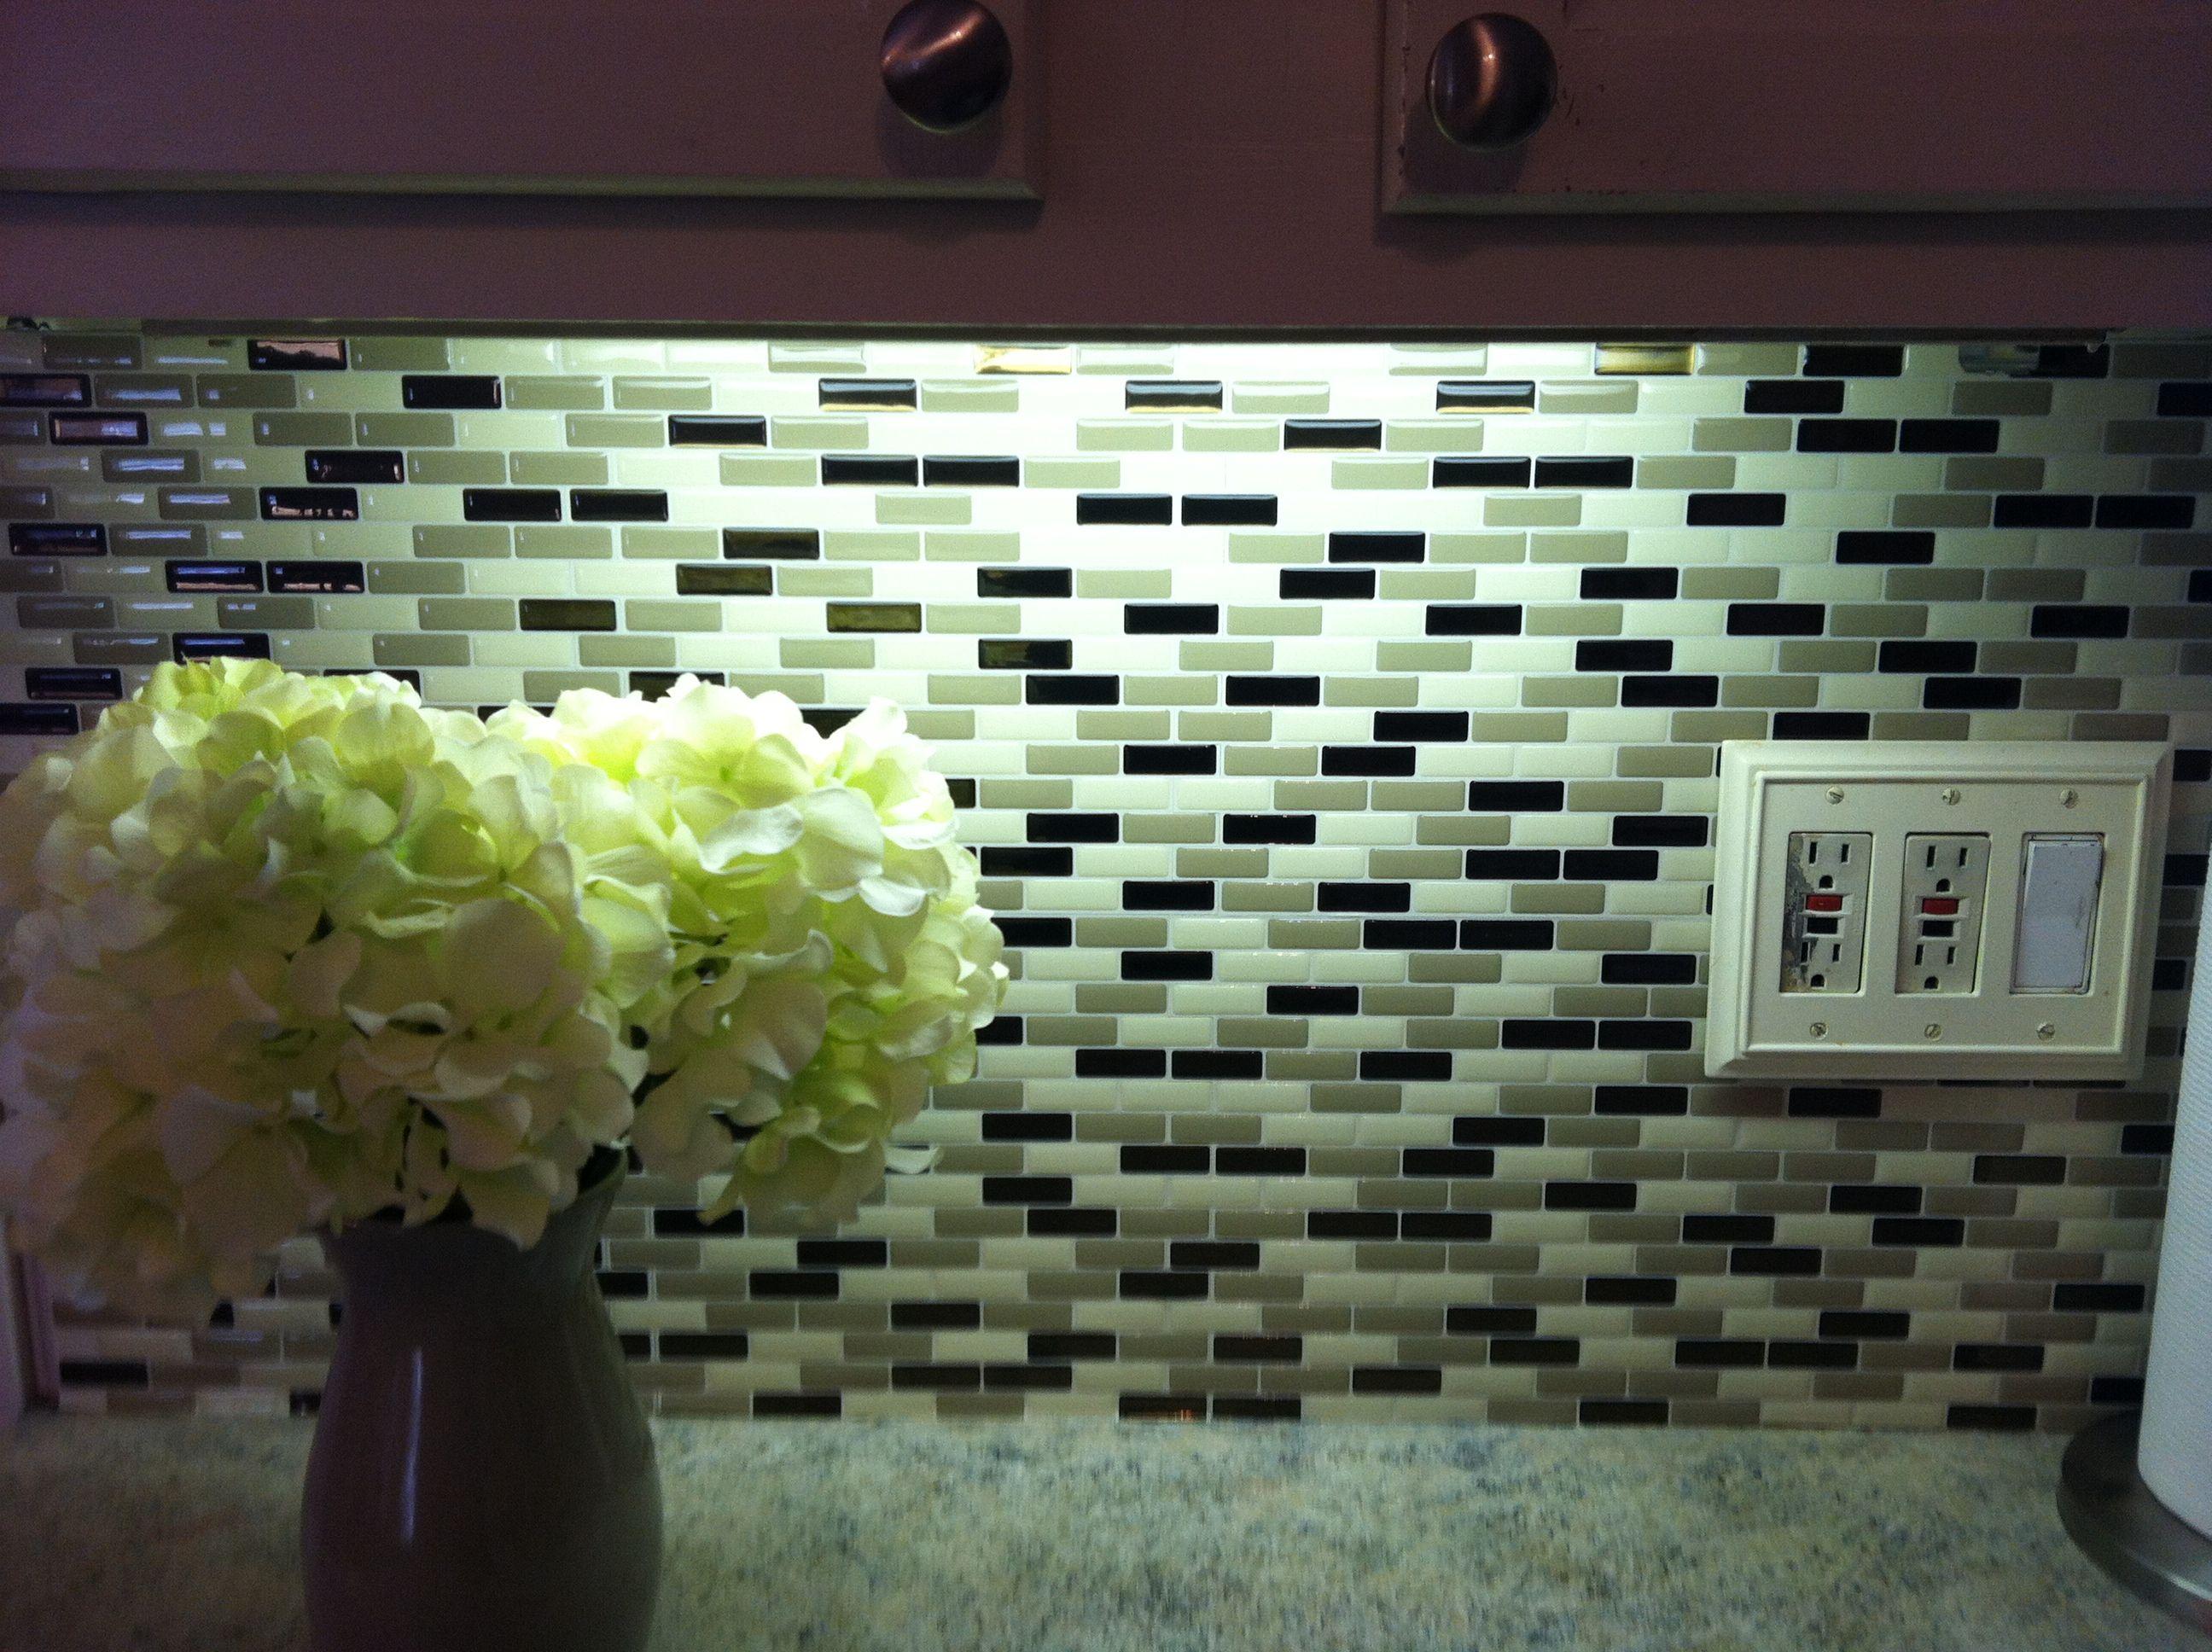 peel n stick tiles for backsplash kitchen pinterest